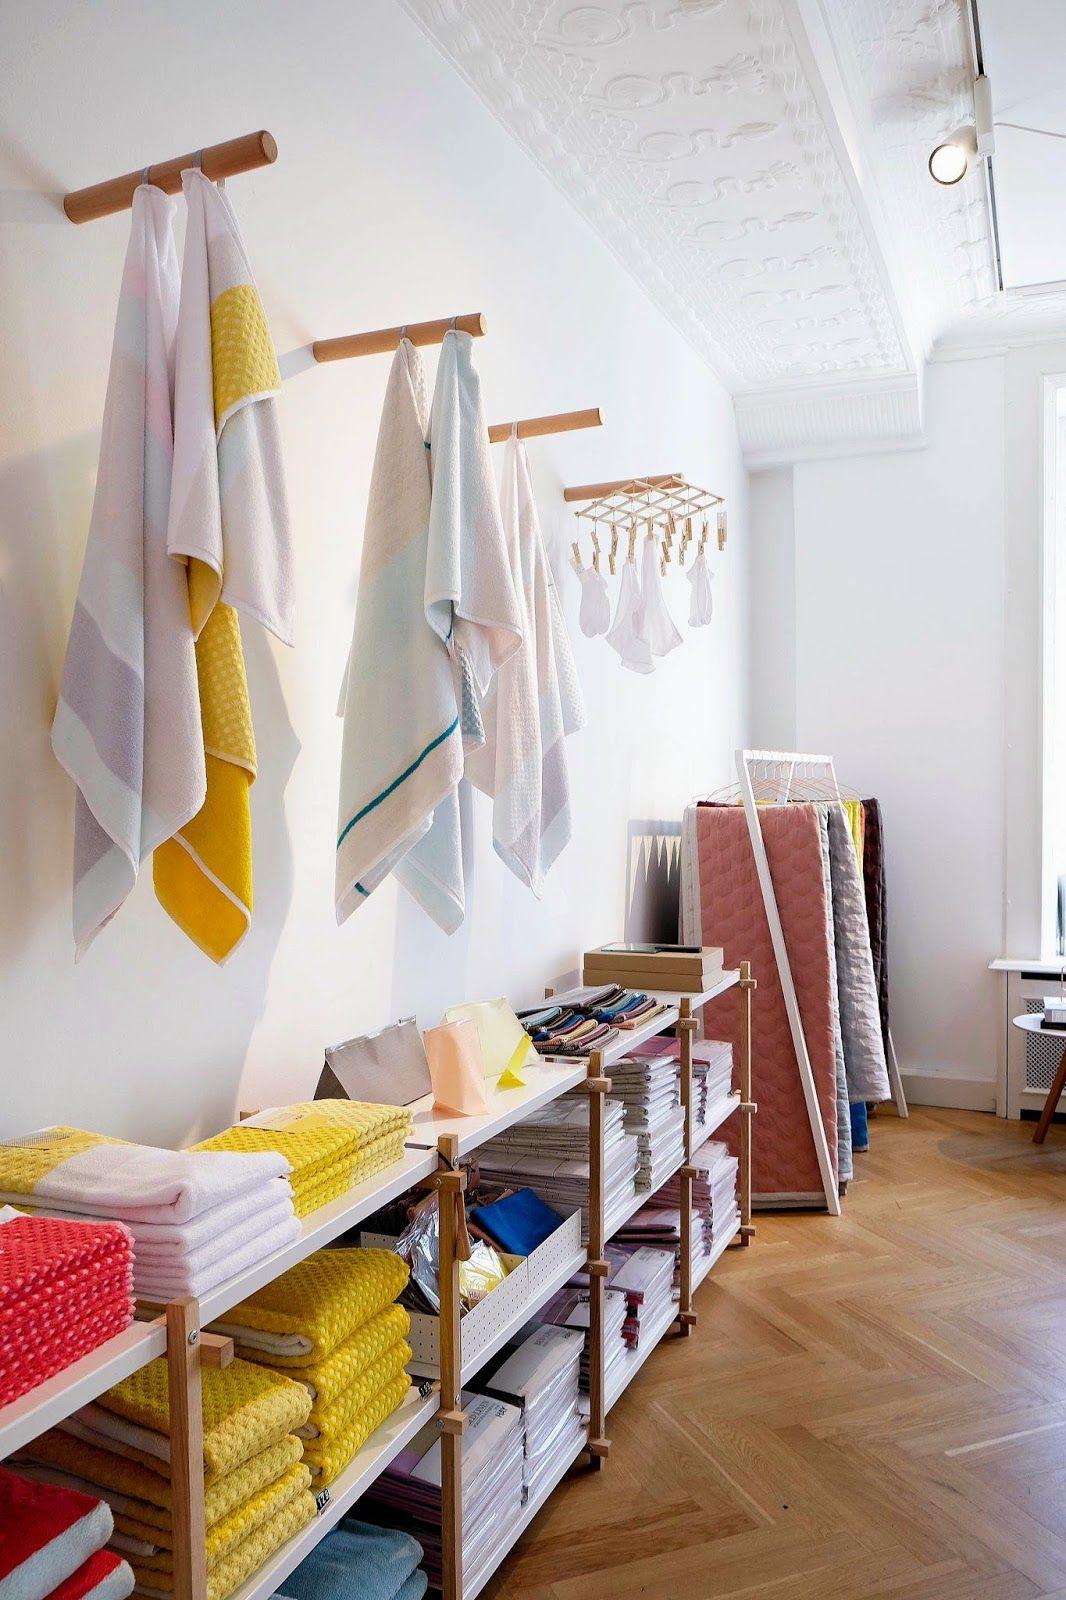 Hay store in copenhagen hay store blog love store fronts boutiques copenhagen